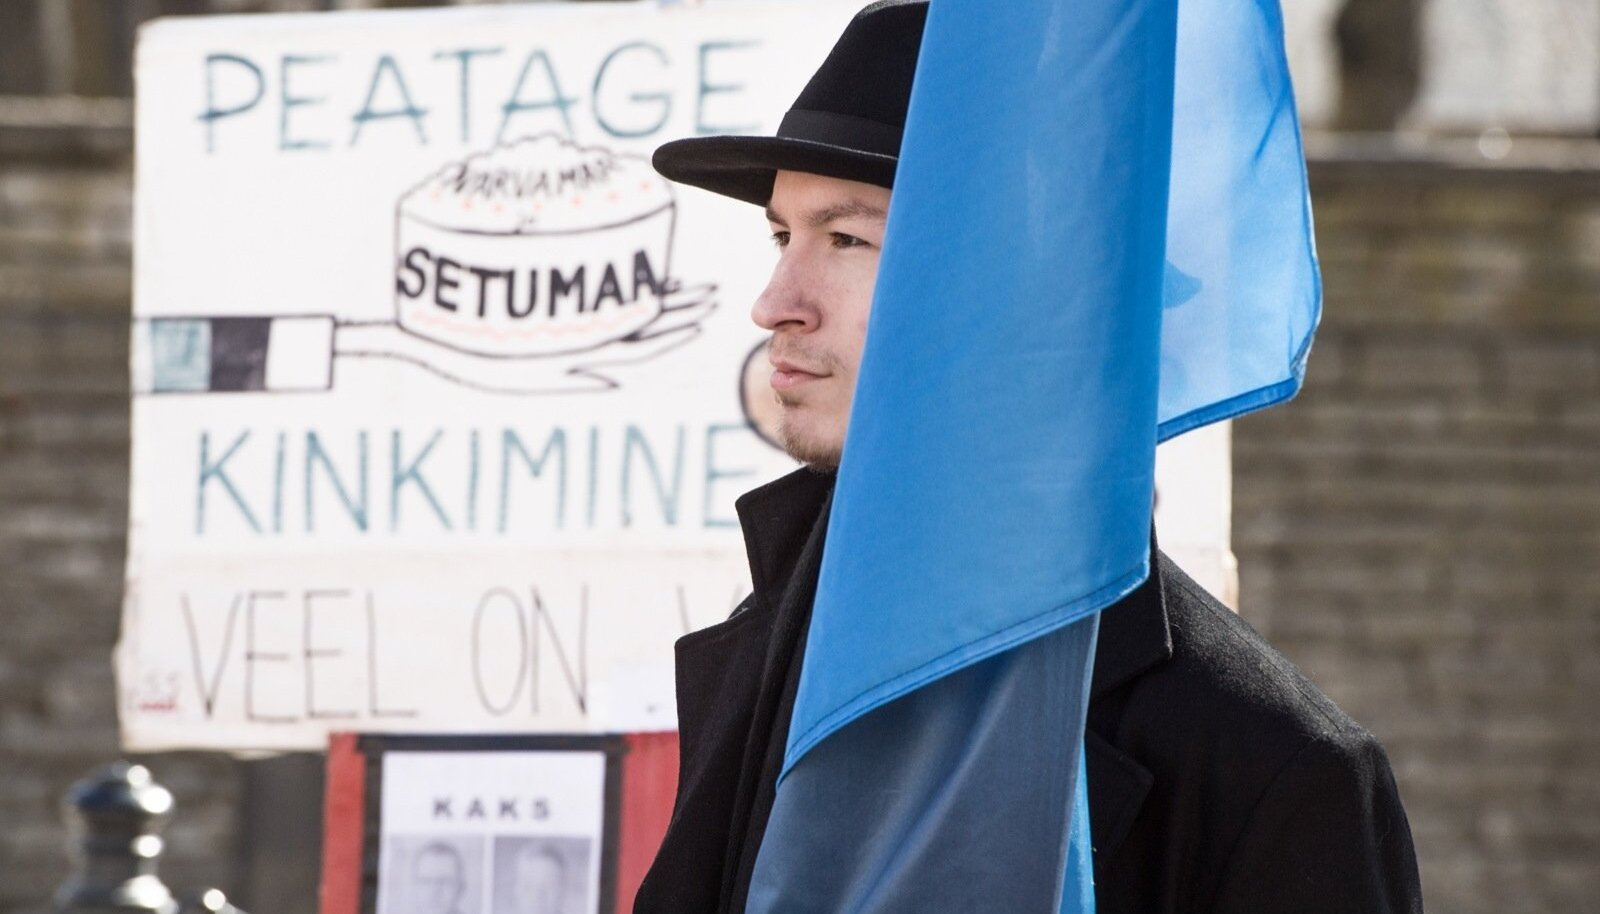 Vastumeelsuse näitamine ratifitseeritavale Eesti Vabariigi ja Venemaa Föderatsiooni vahelisele piirilepingule